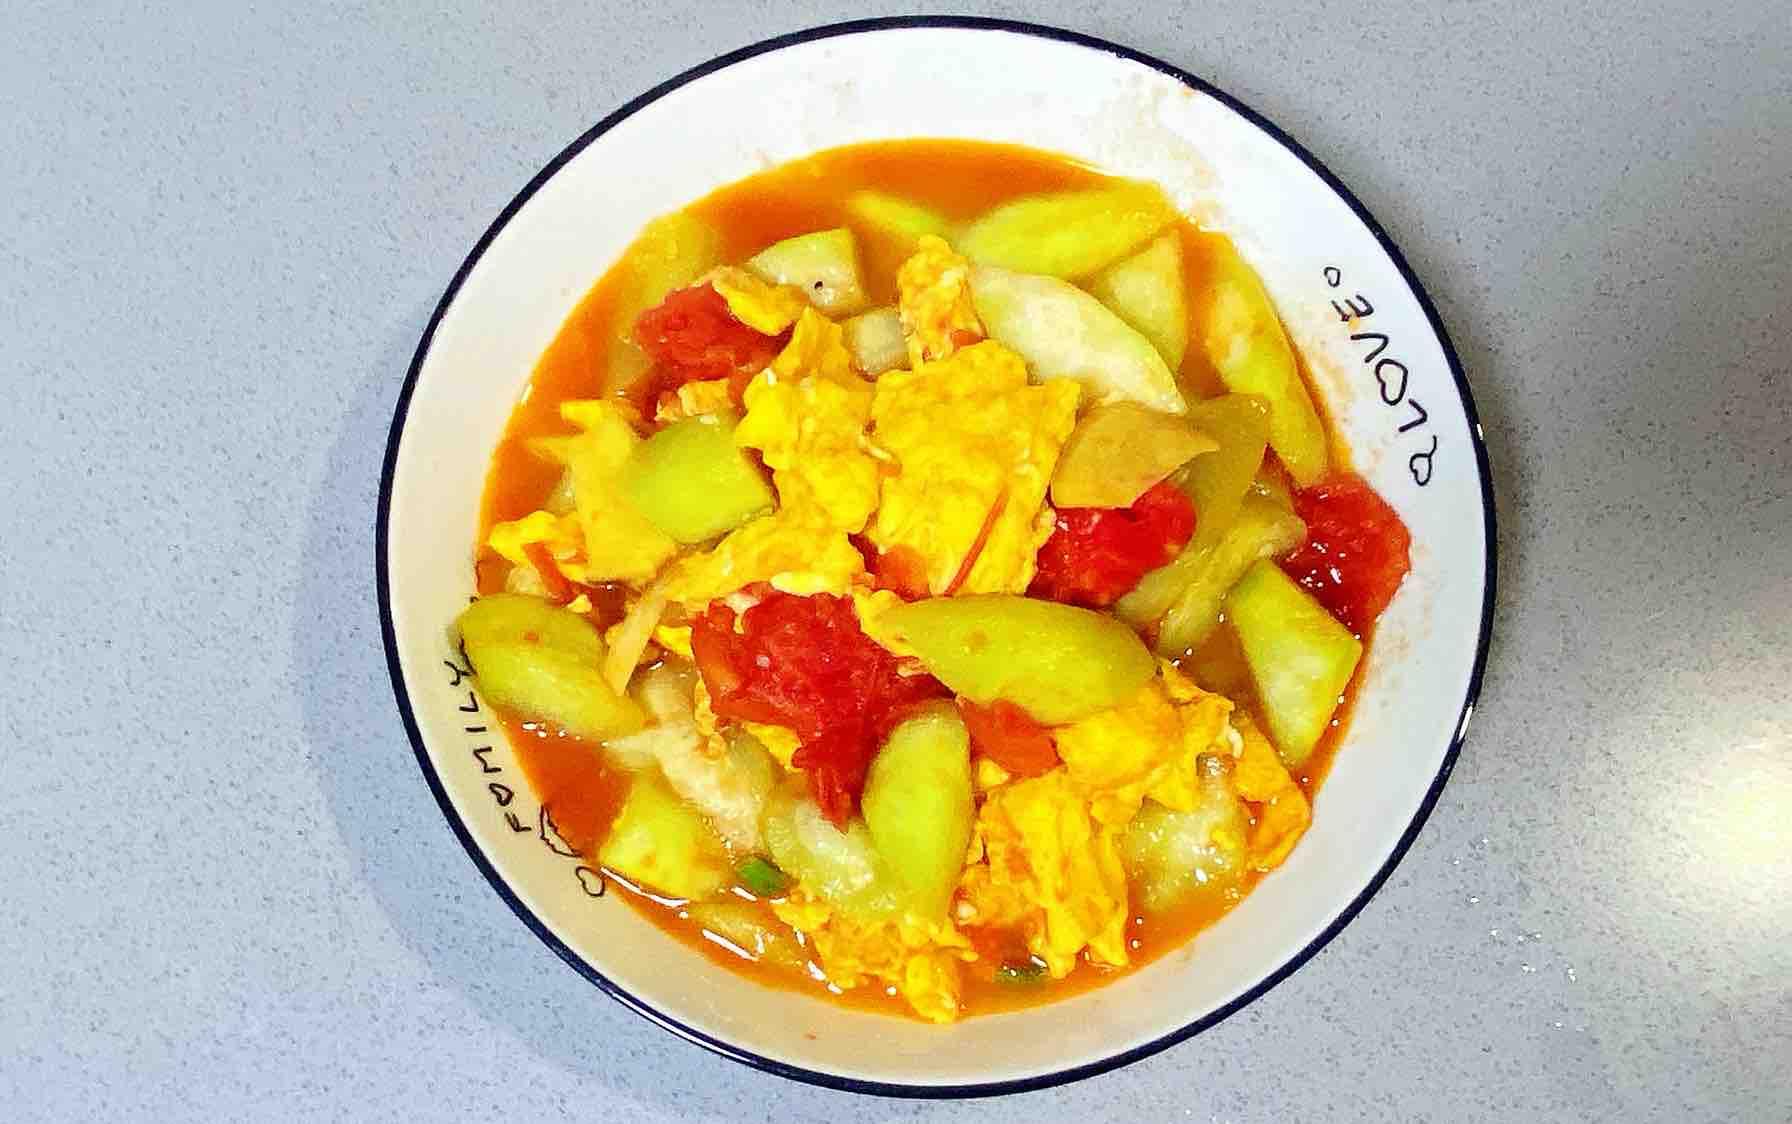 【孕妇食谱】番茄丝瓜炒鸡蛋,酸酸甜甜,营养全面~成品图